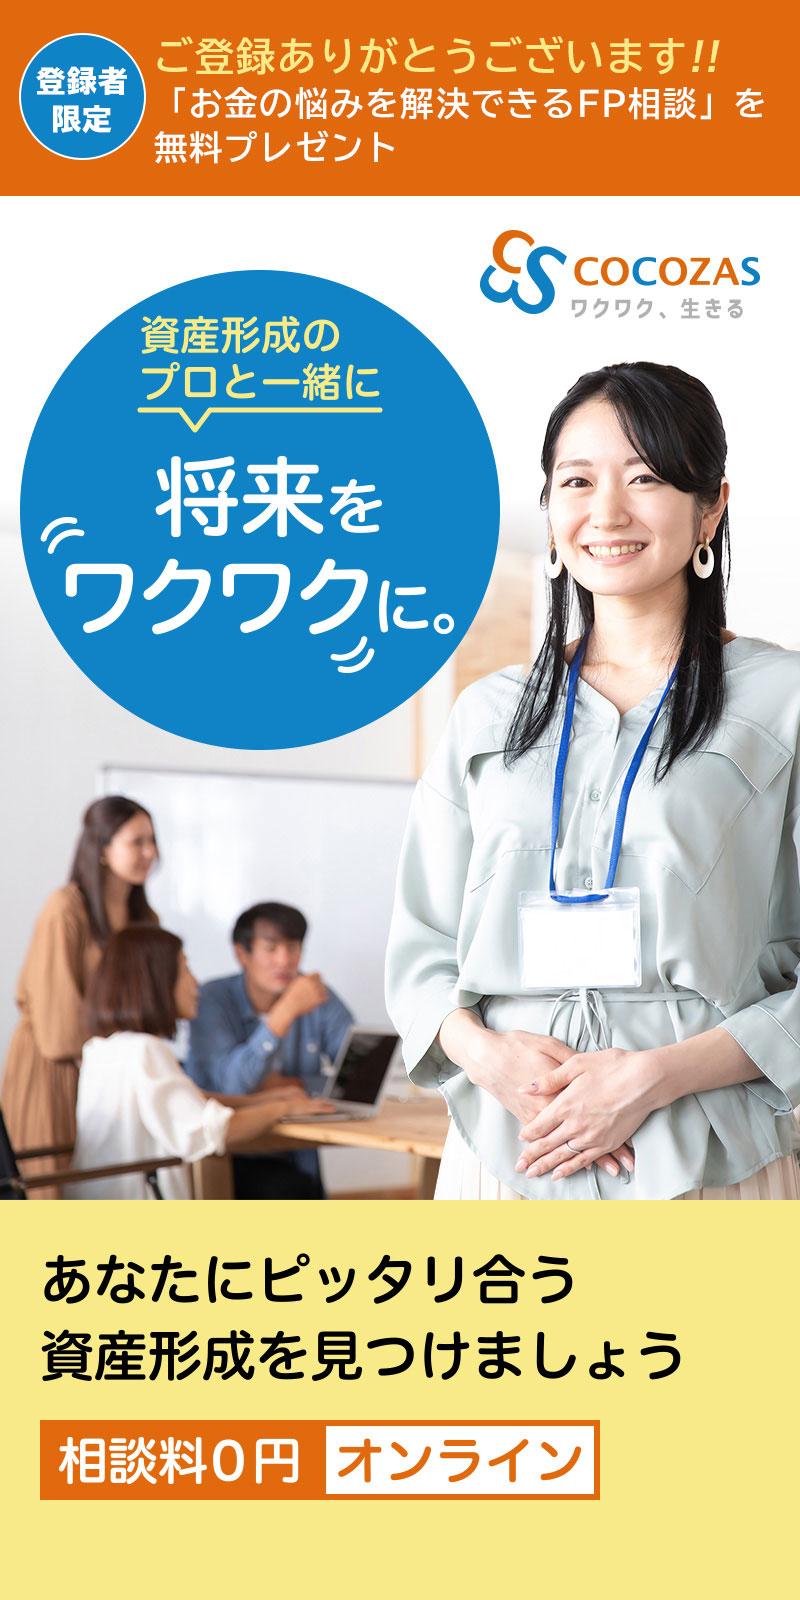 資産形成のプロと一緒に将来をワクワクに。相談料0円 オンライン